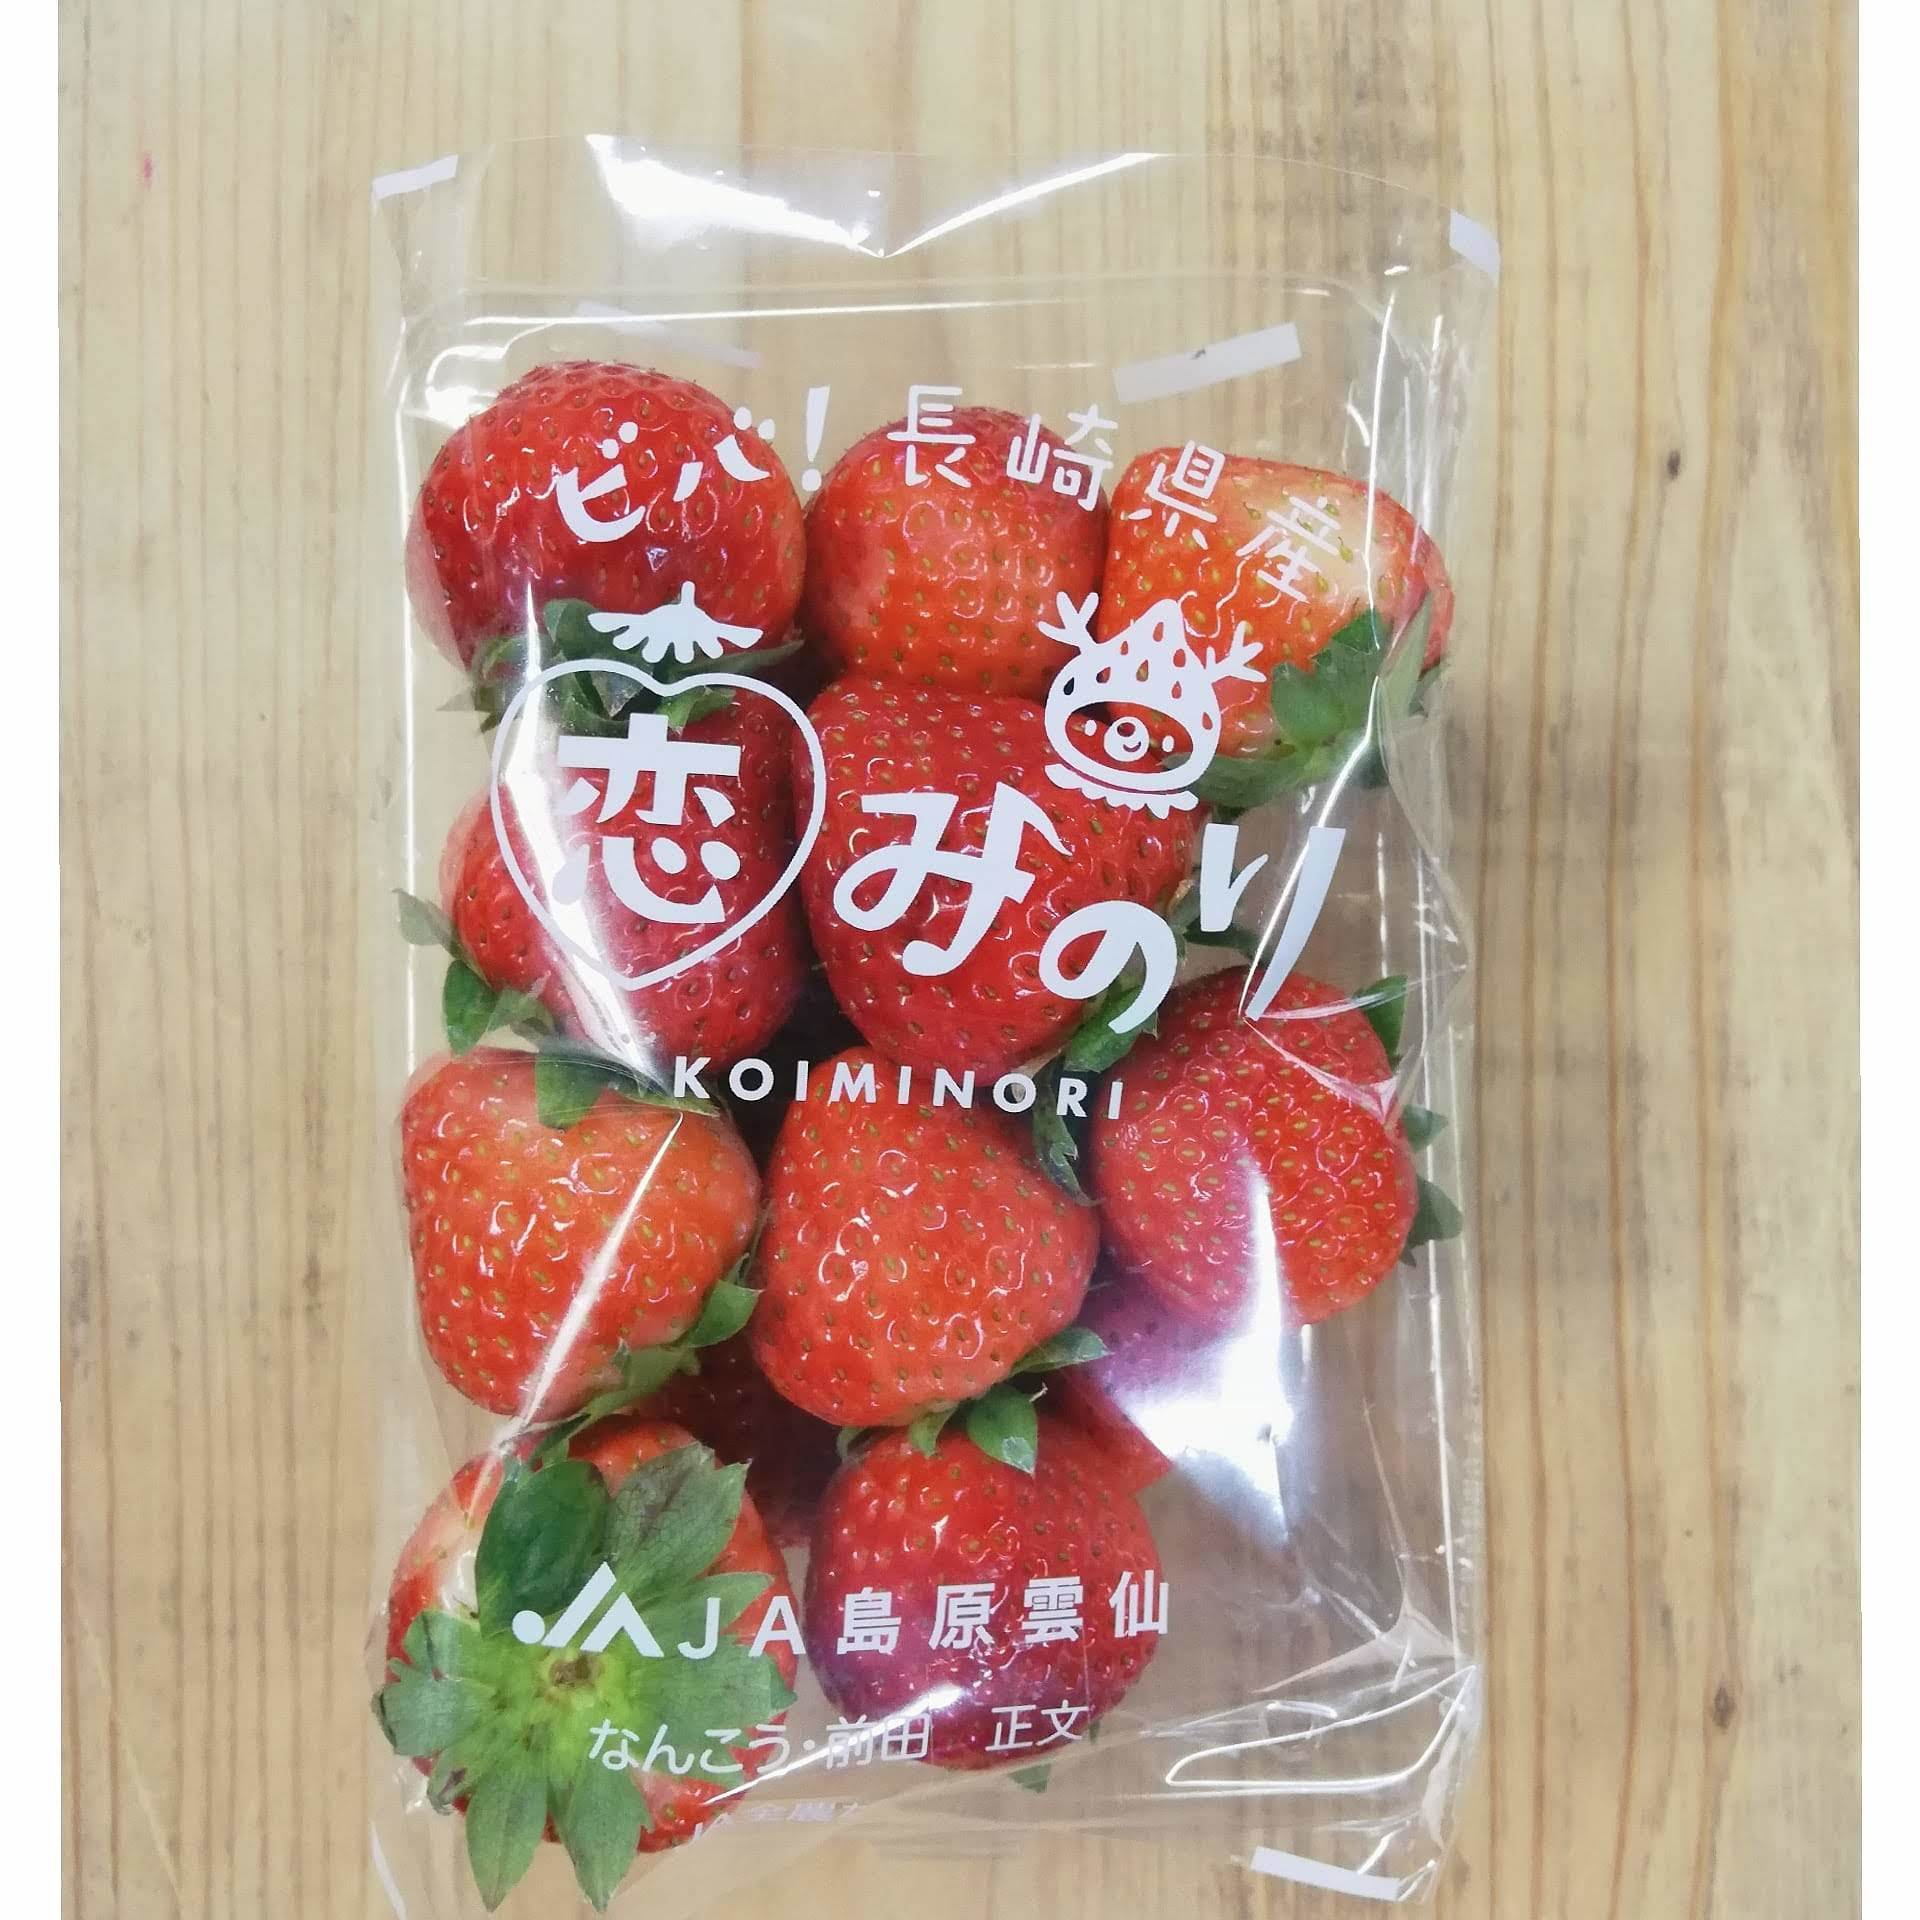 いろんな苺のいちご大福 @横浜和菓子磯子風月堂 金土日の週末限定販売です。_e0092594_21534008.jpg